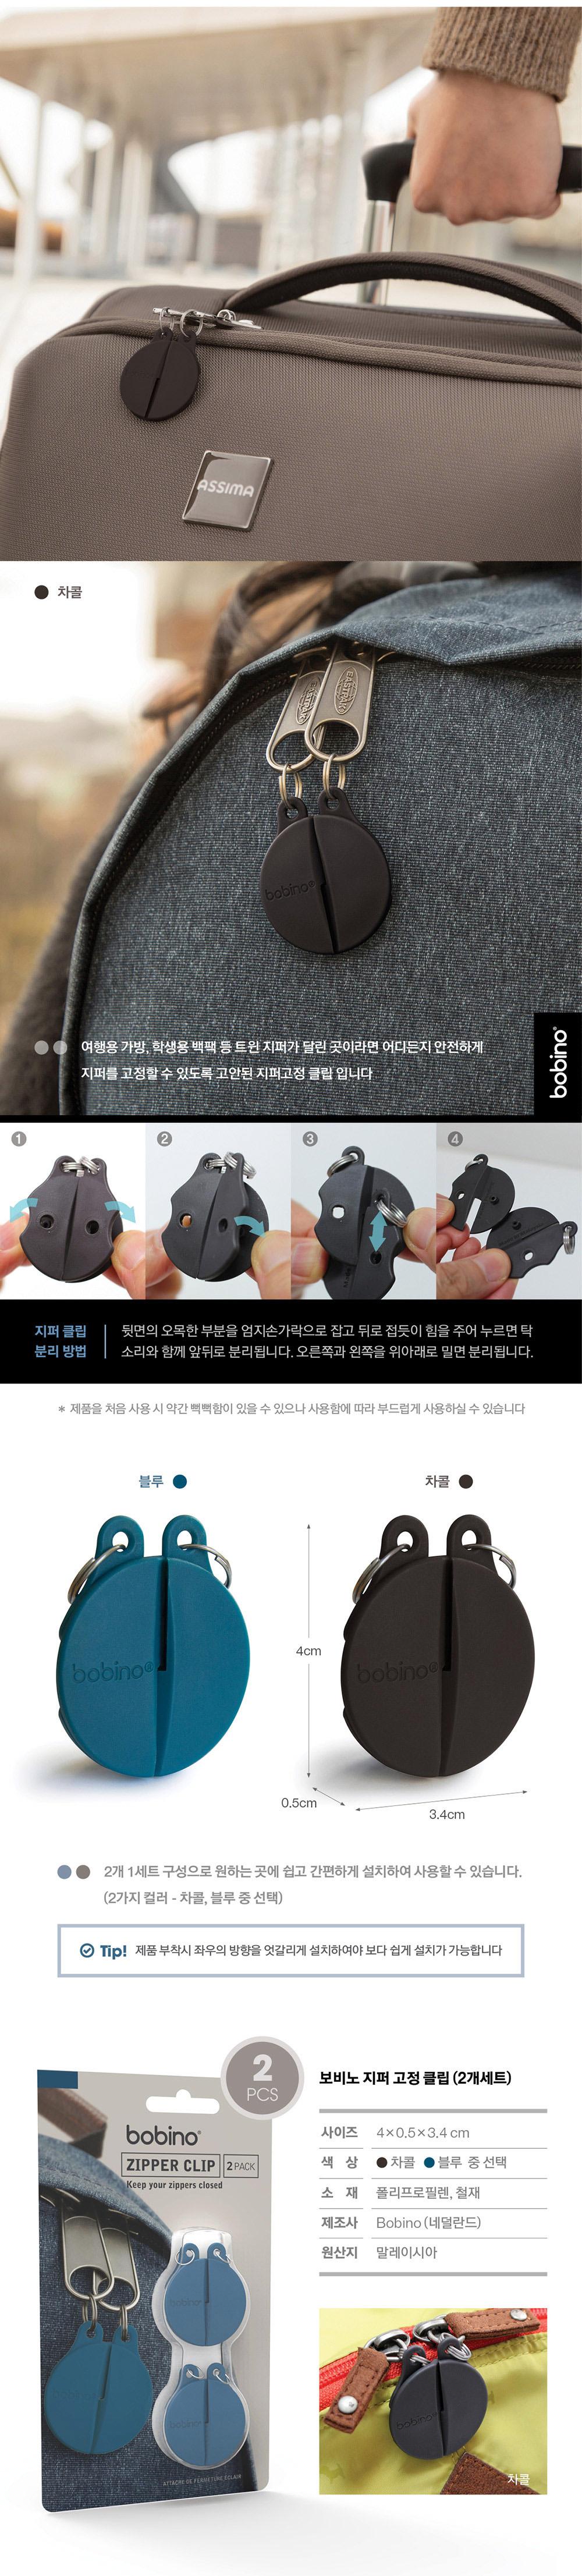 보비노 지퍼 고정 클립(2개세트) - 보비노, 7,900원, 보호용품, 자물쇠